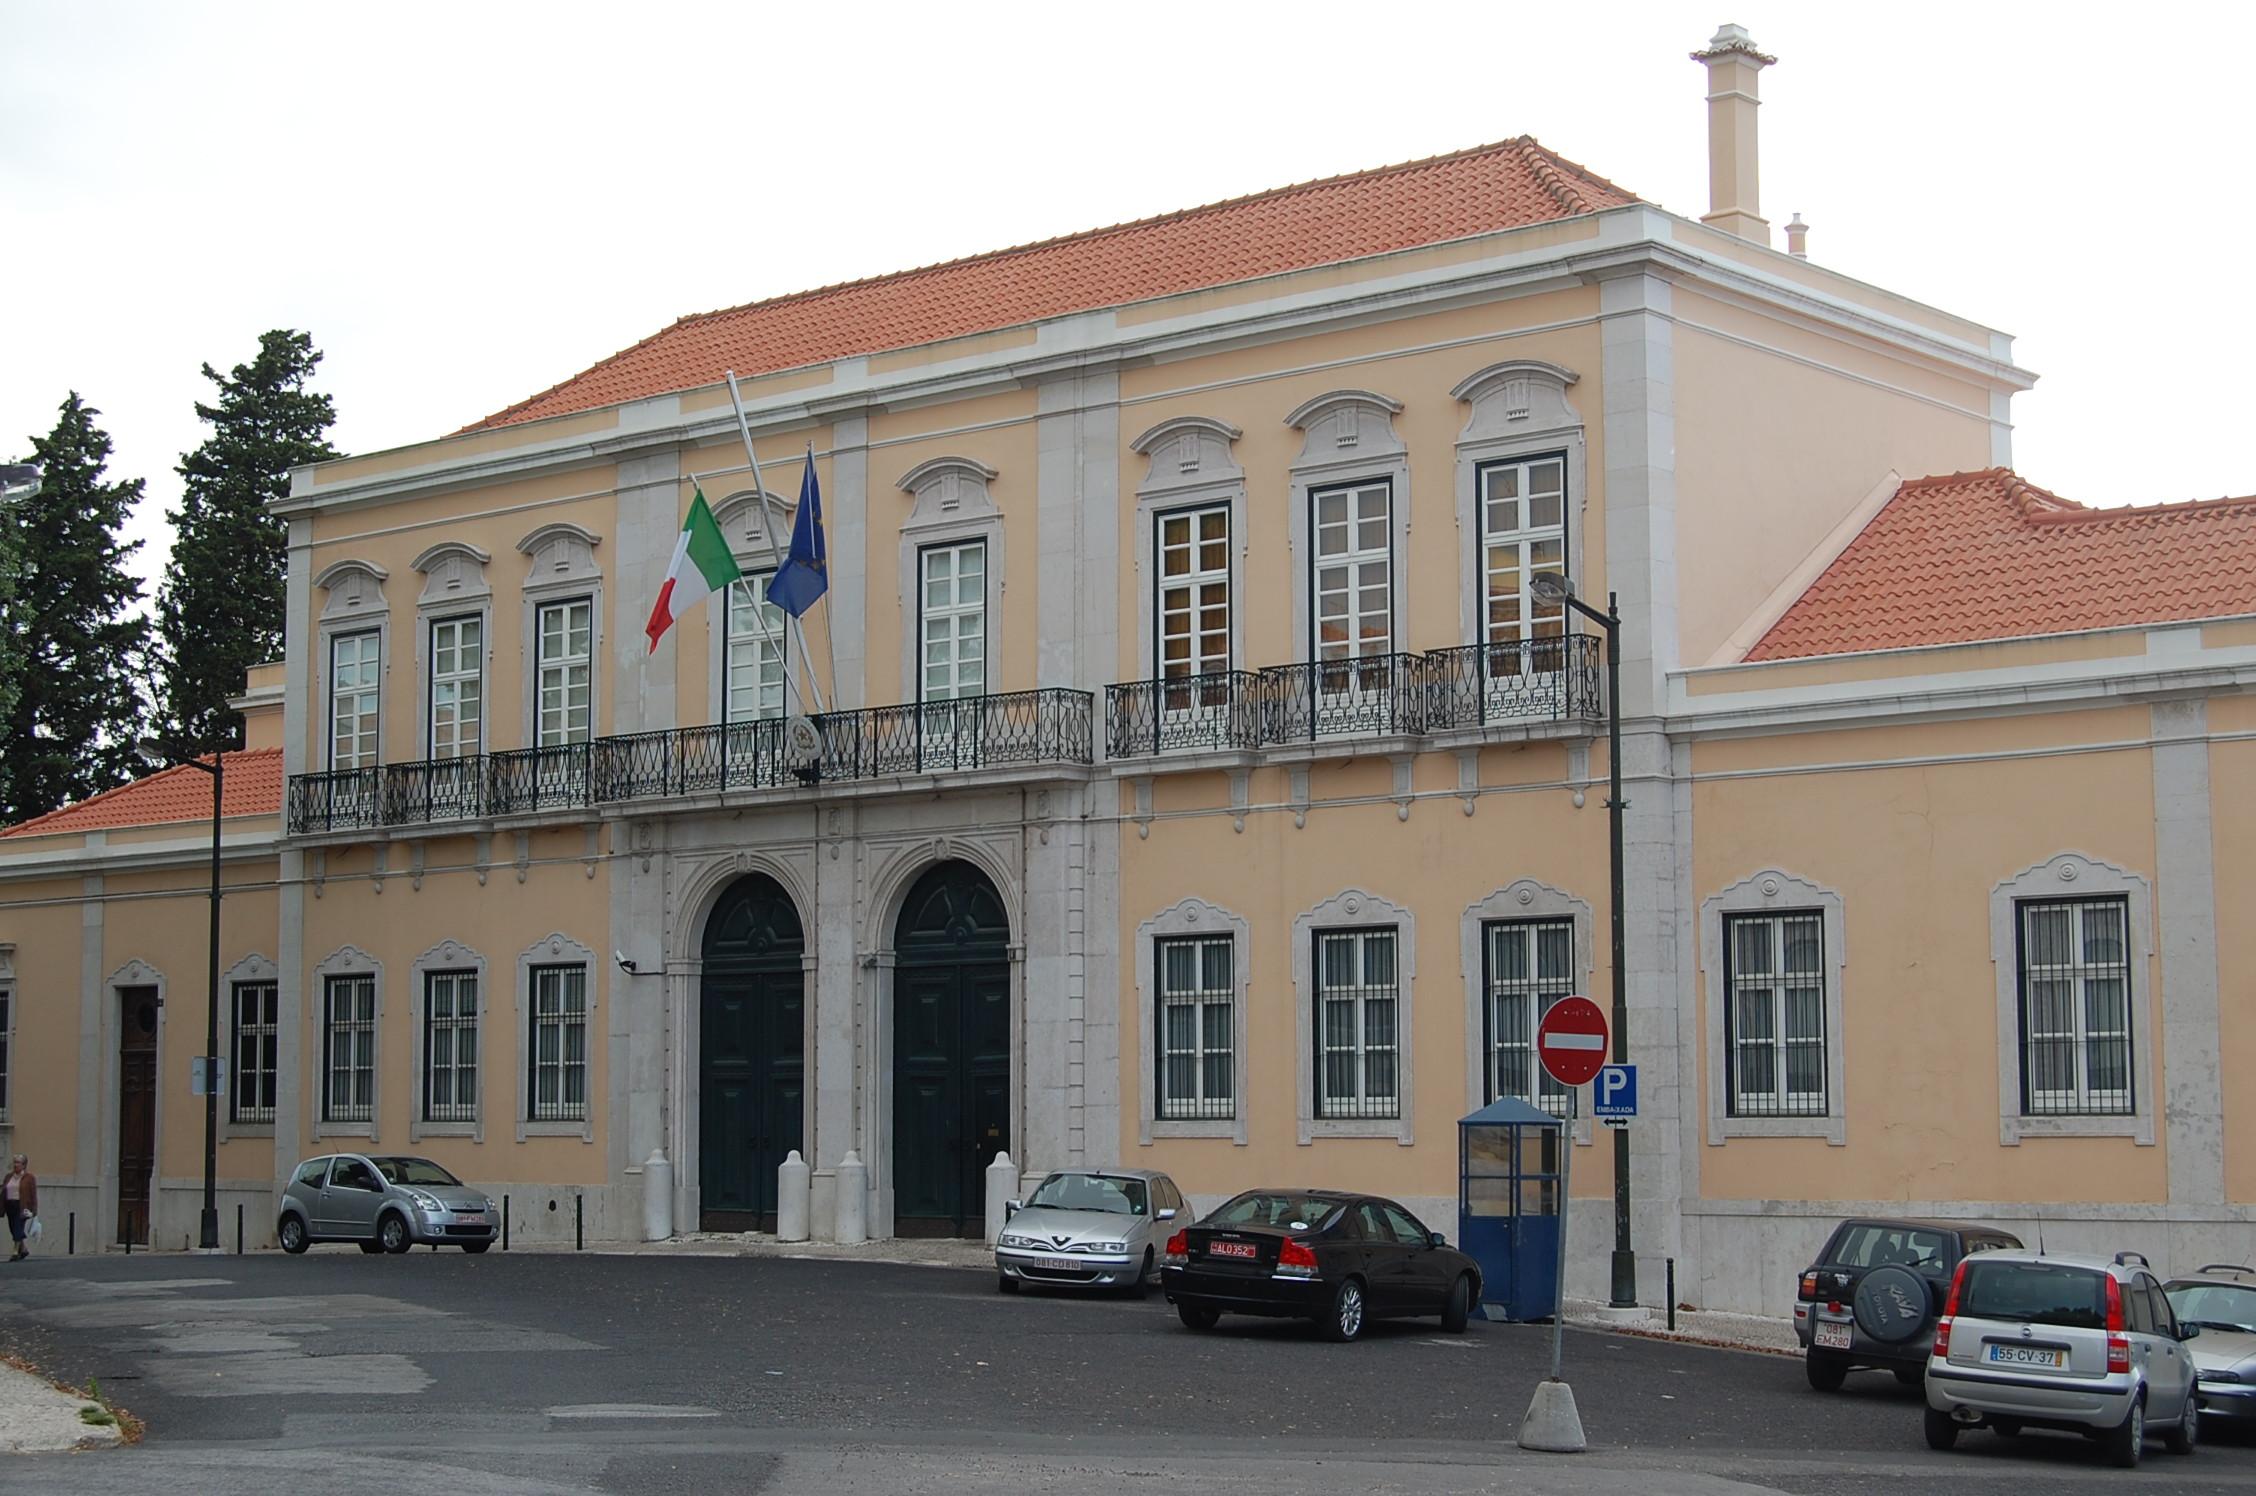 consulado do brasil em lisboa mapa Missões diplomáticas da Itália – Wikipédia, a enciclopédia livre consulado do brasil em lisboa mapa